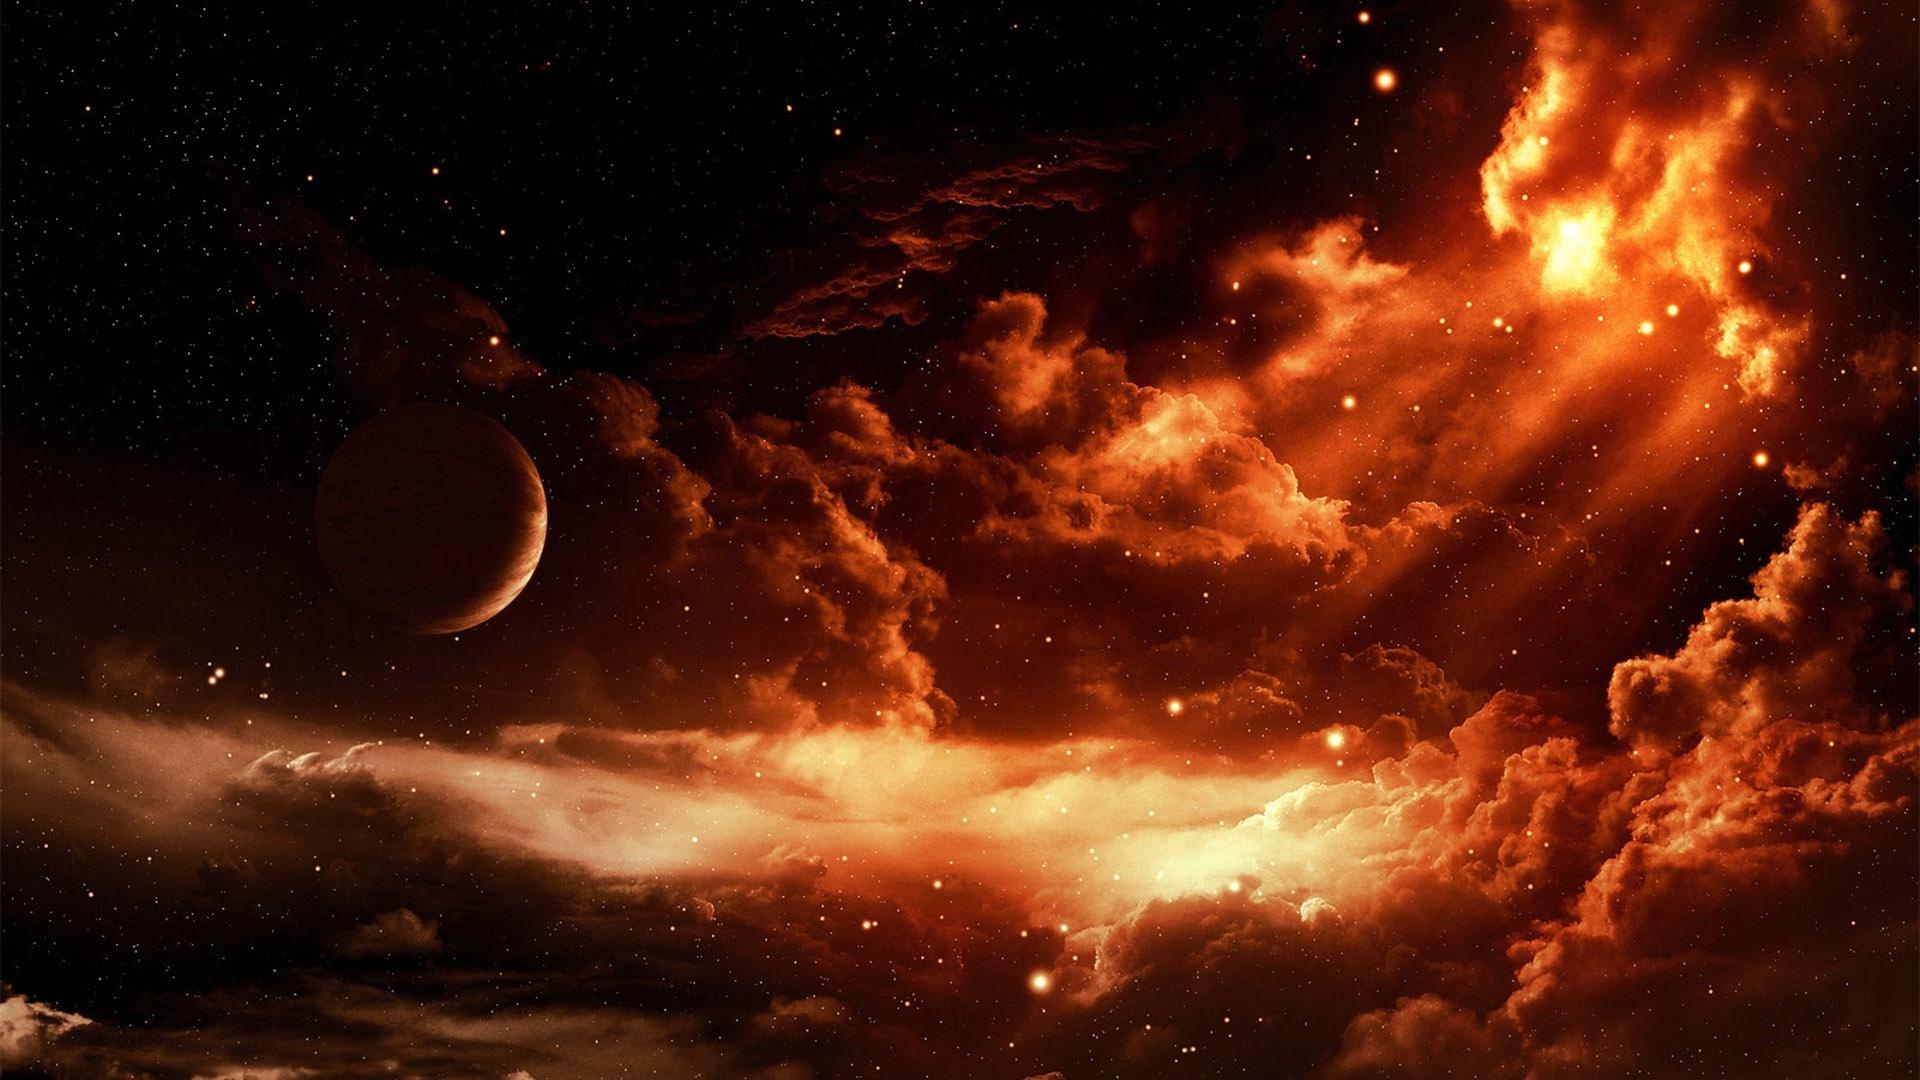 Idée pour image de fond du forum Art-pictures-red-space-stars_1920x1080